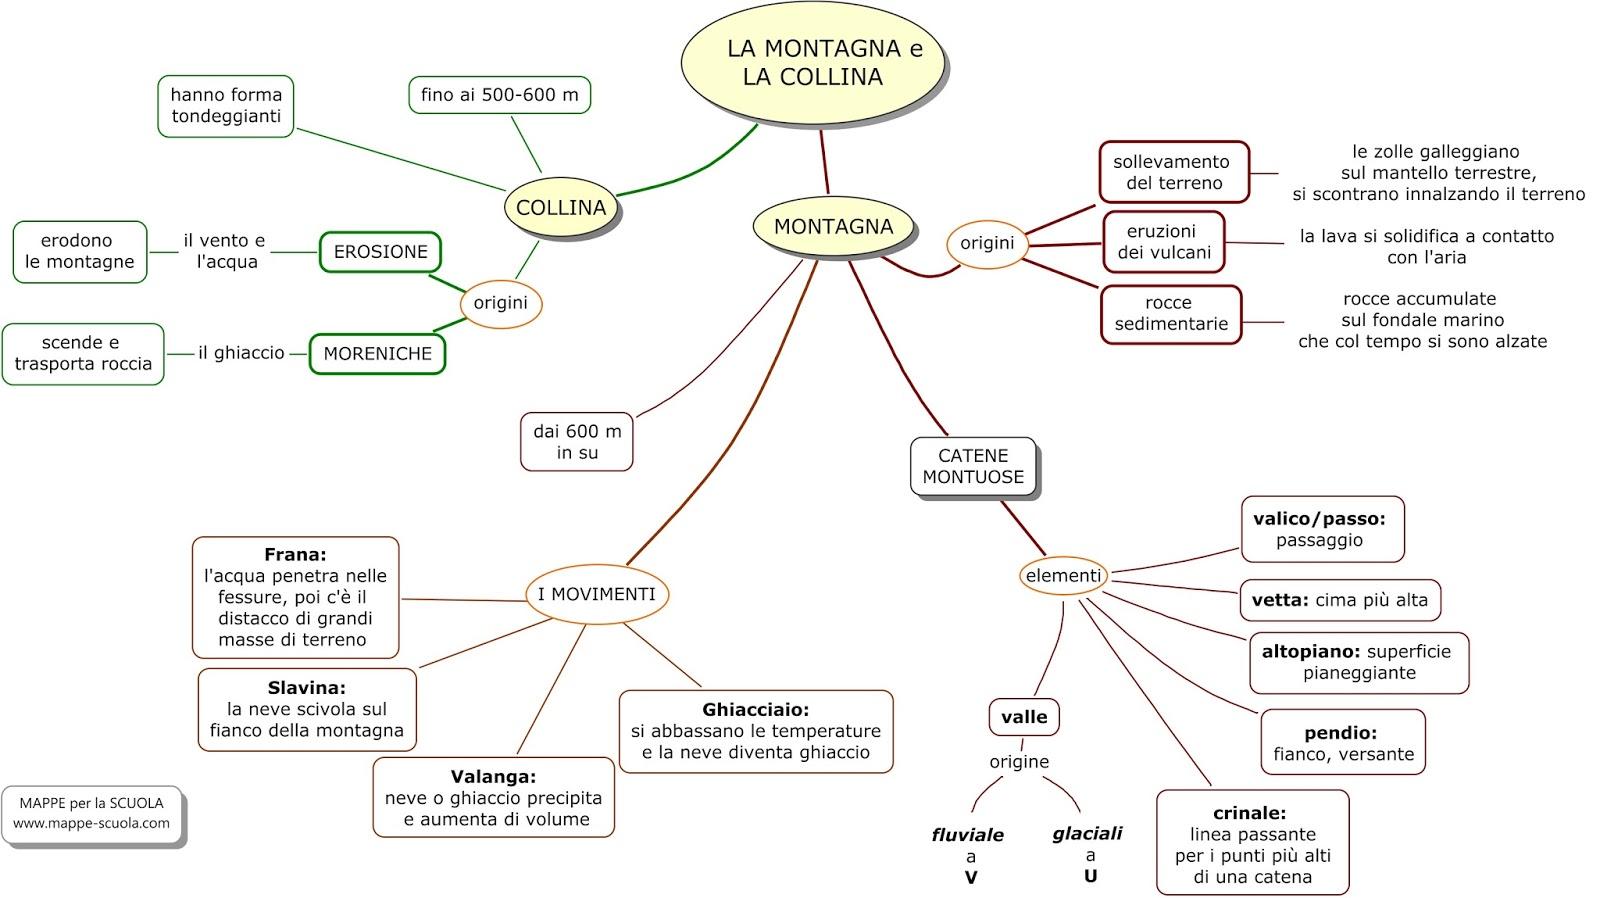 Populaire MAPPE per la SCUOLA: novembre 2011 HE24